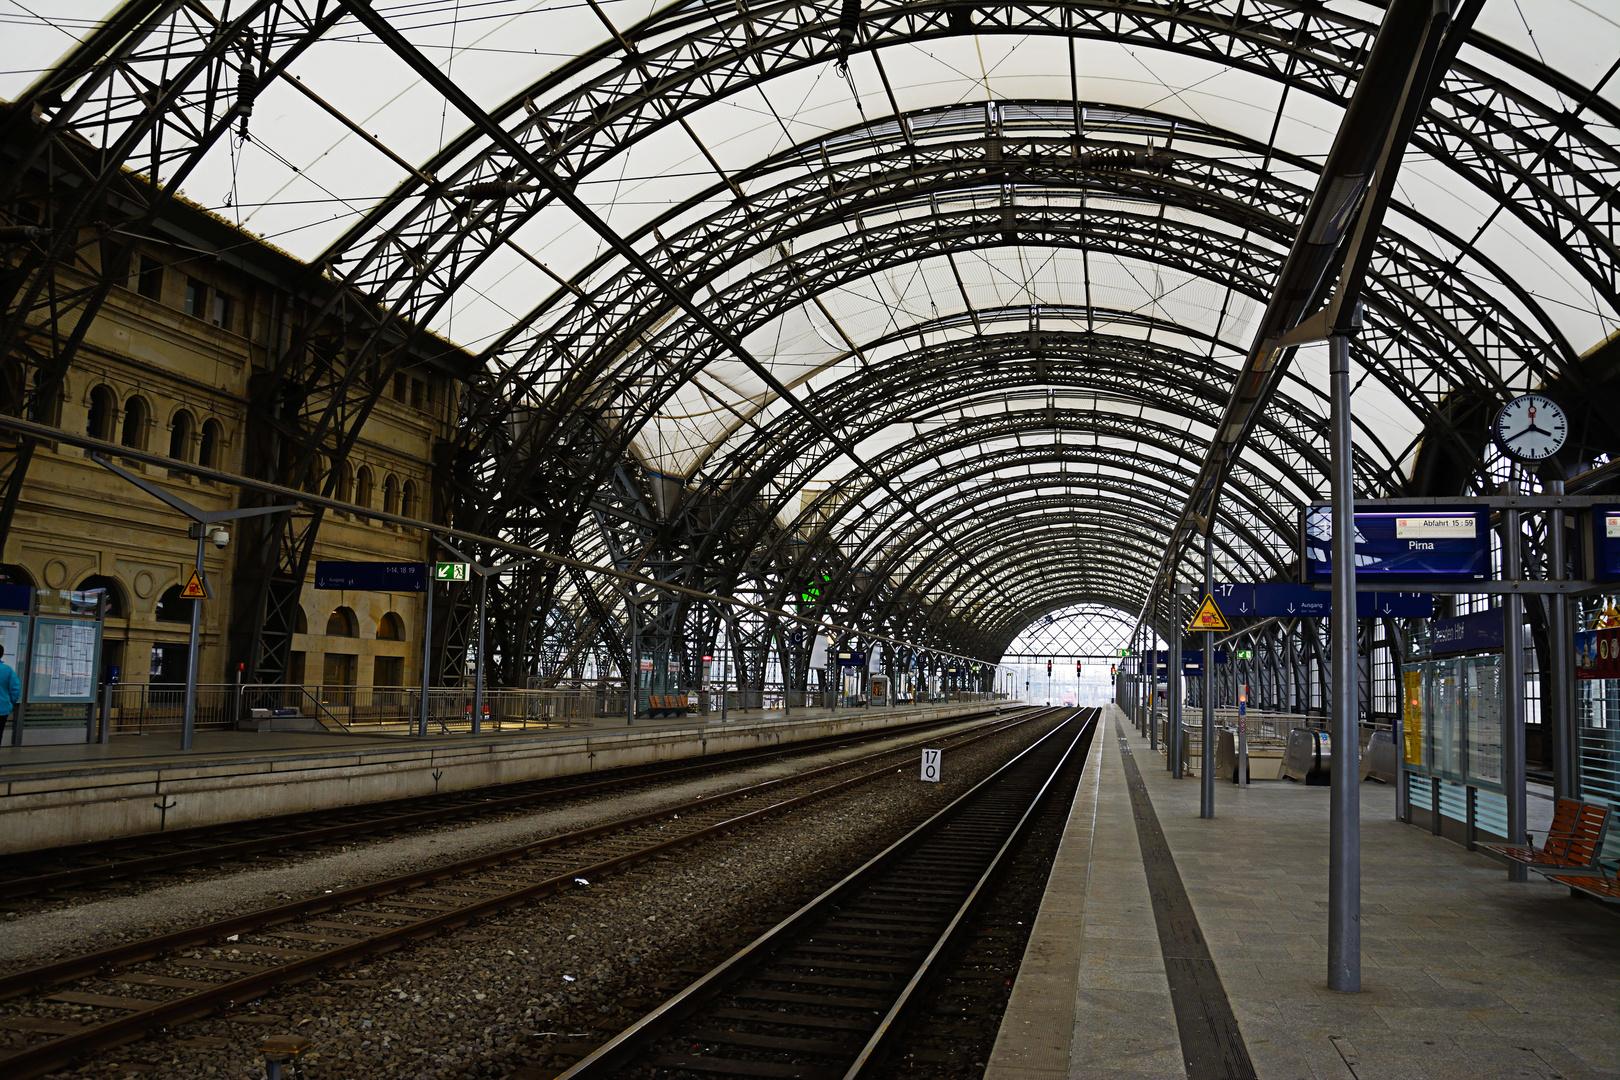 Dresdener Bahnhof